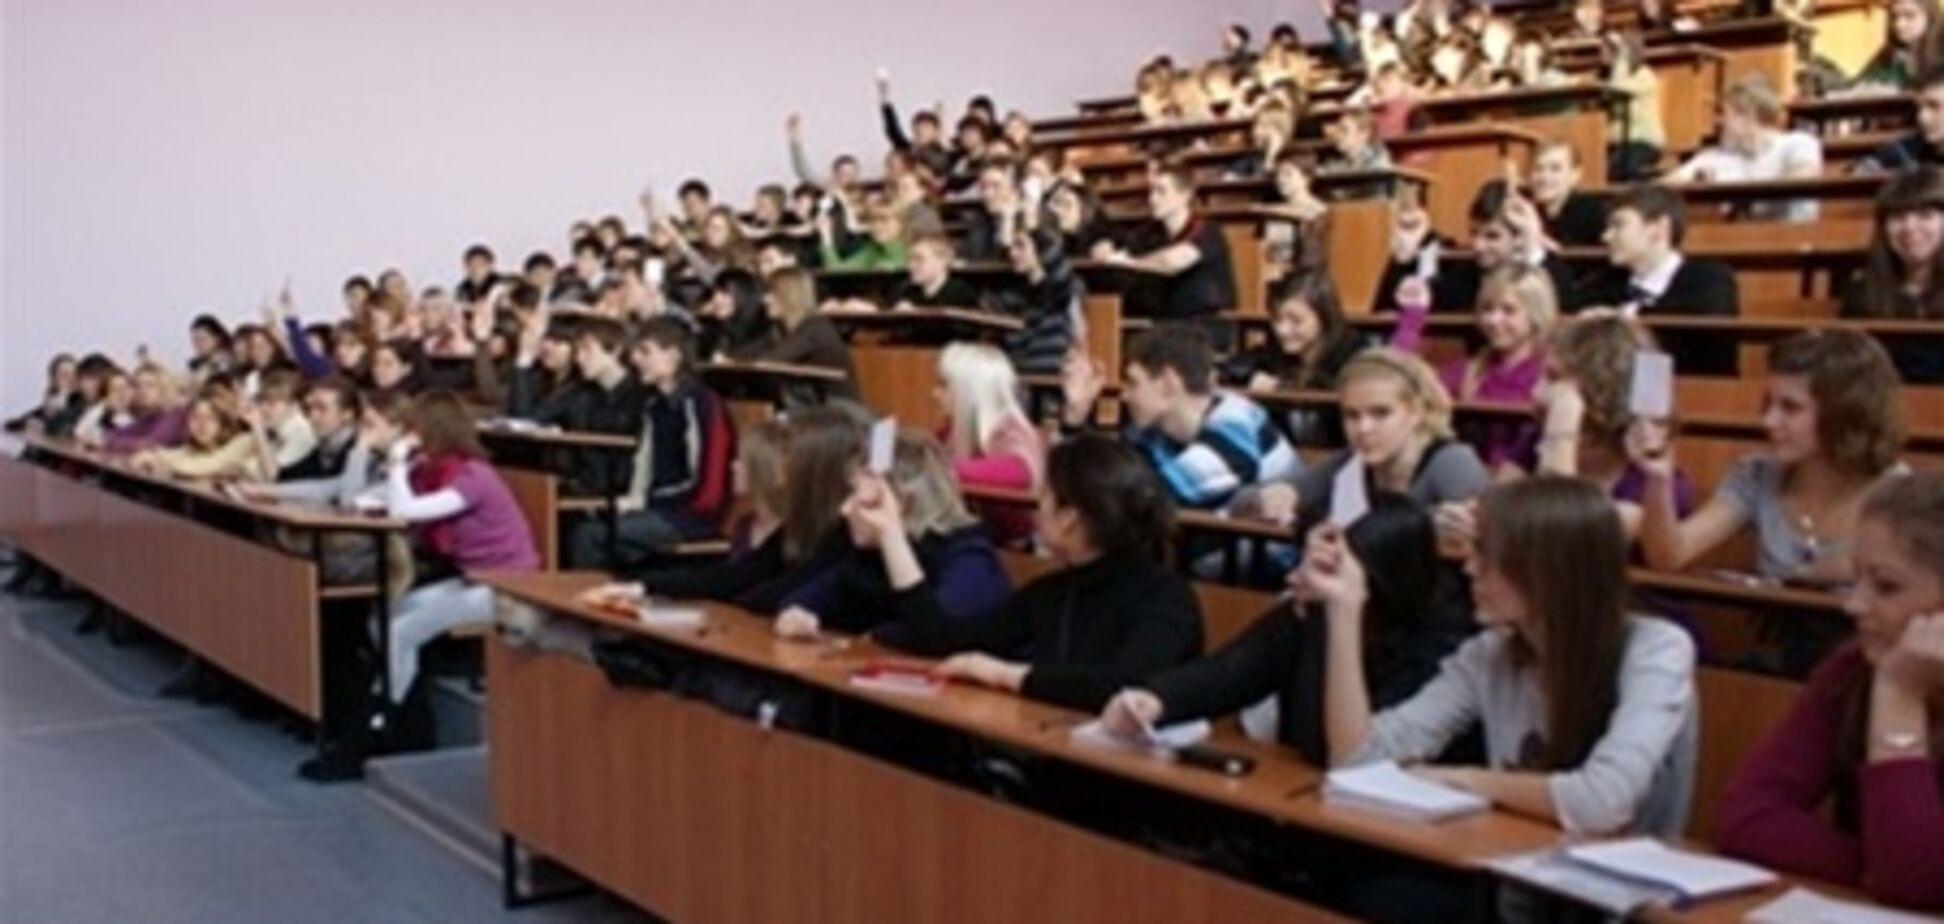 Цены на высшее образование в Украине впервые не повысились